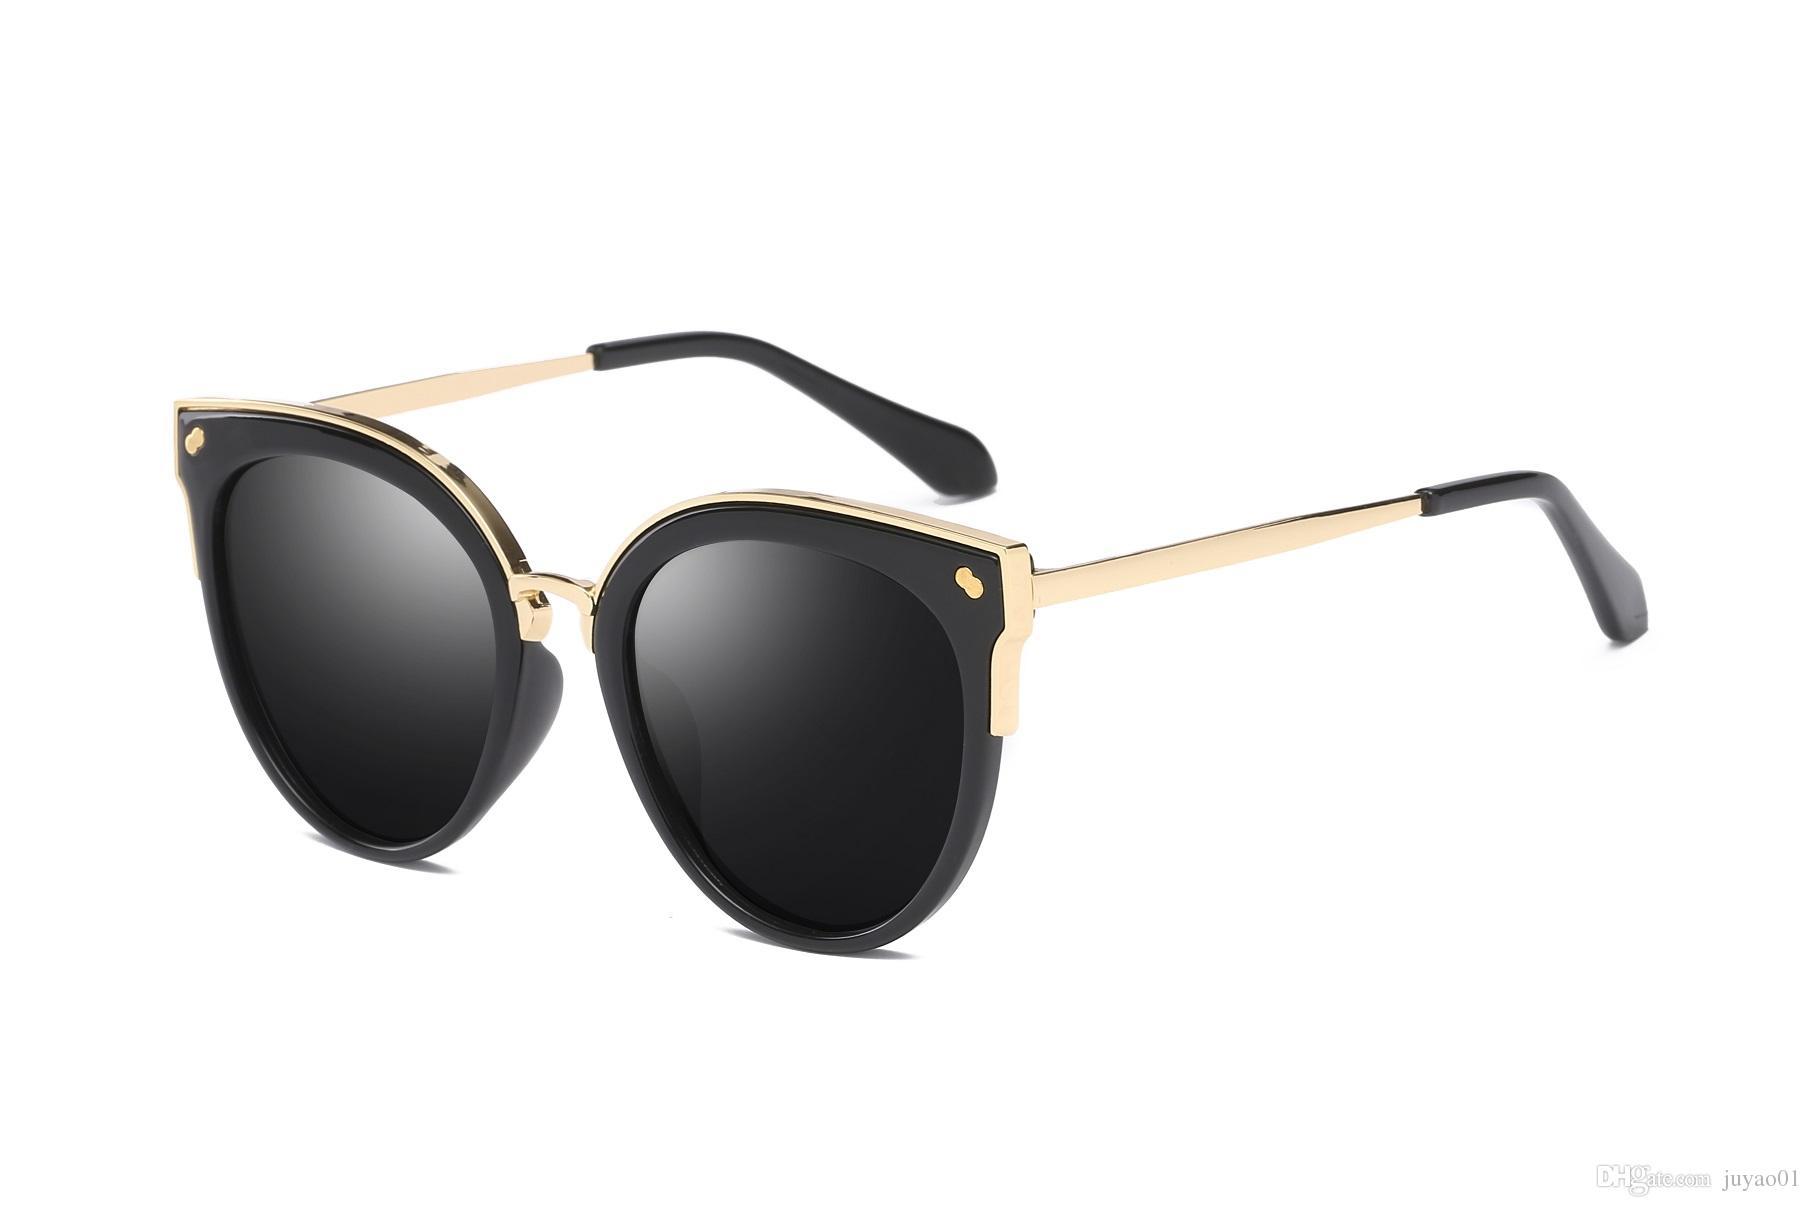 2018 новые поляризованные моды для мужчин и женщин с тенденцией высокого качества красочные дикие на открытом воздухе вождения солнцезащитные очки